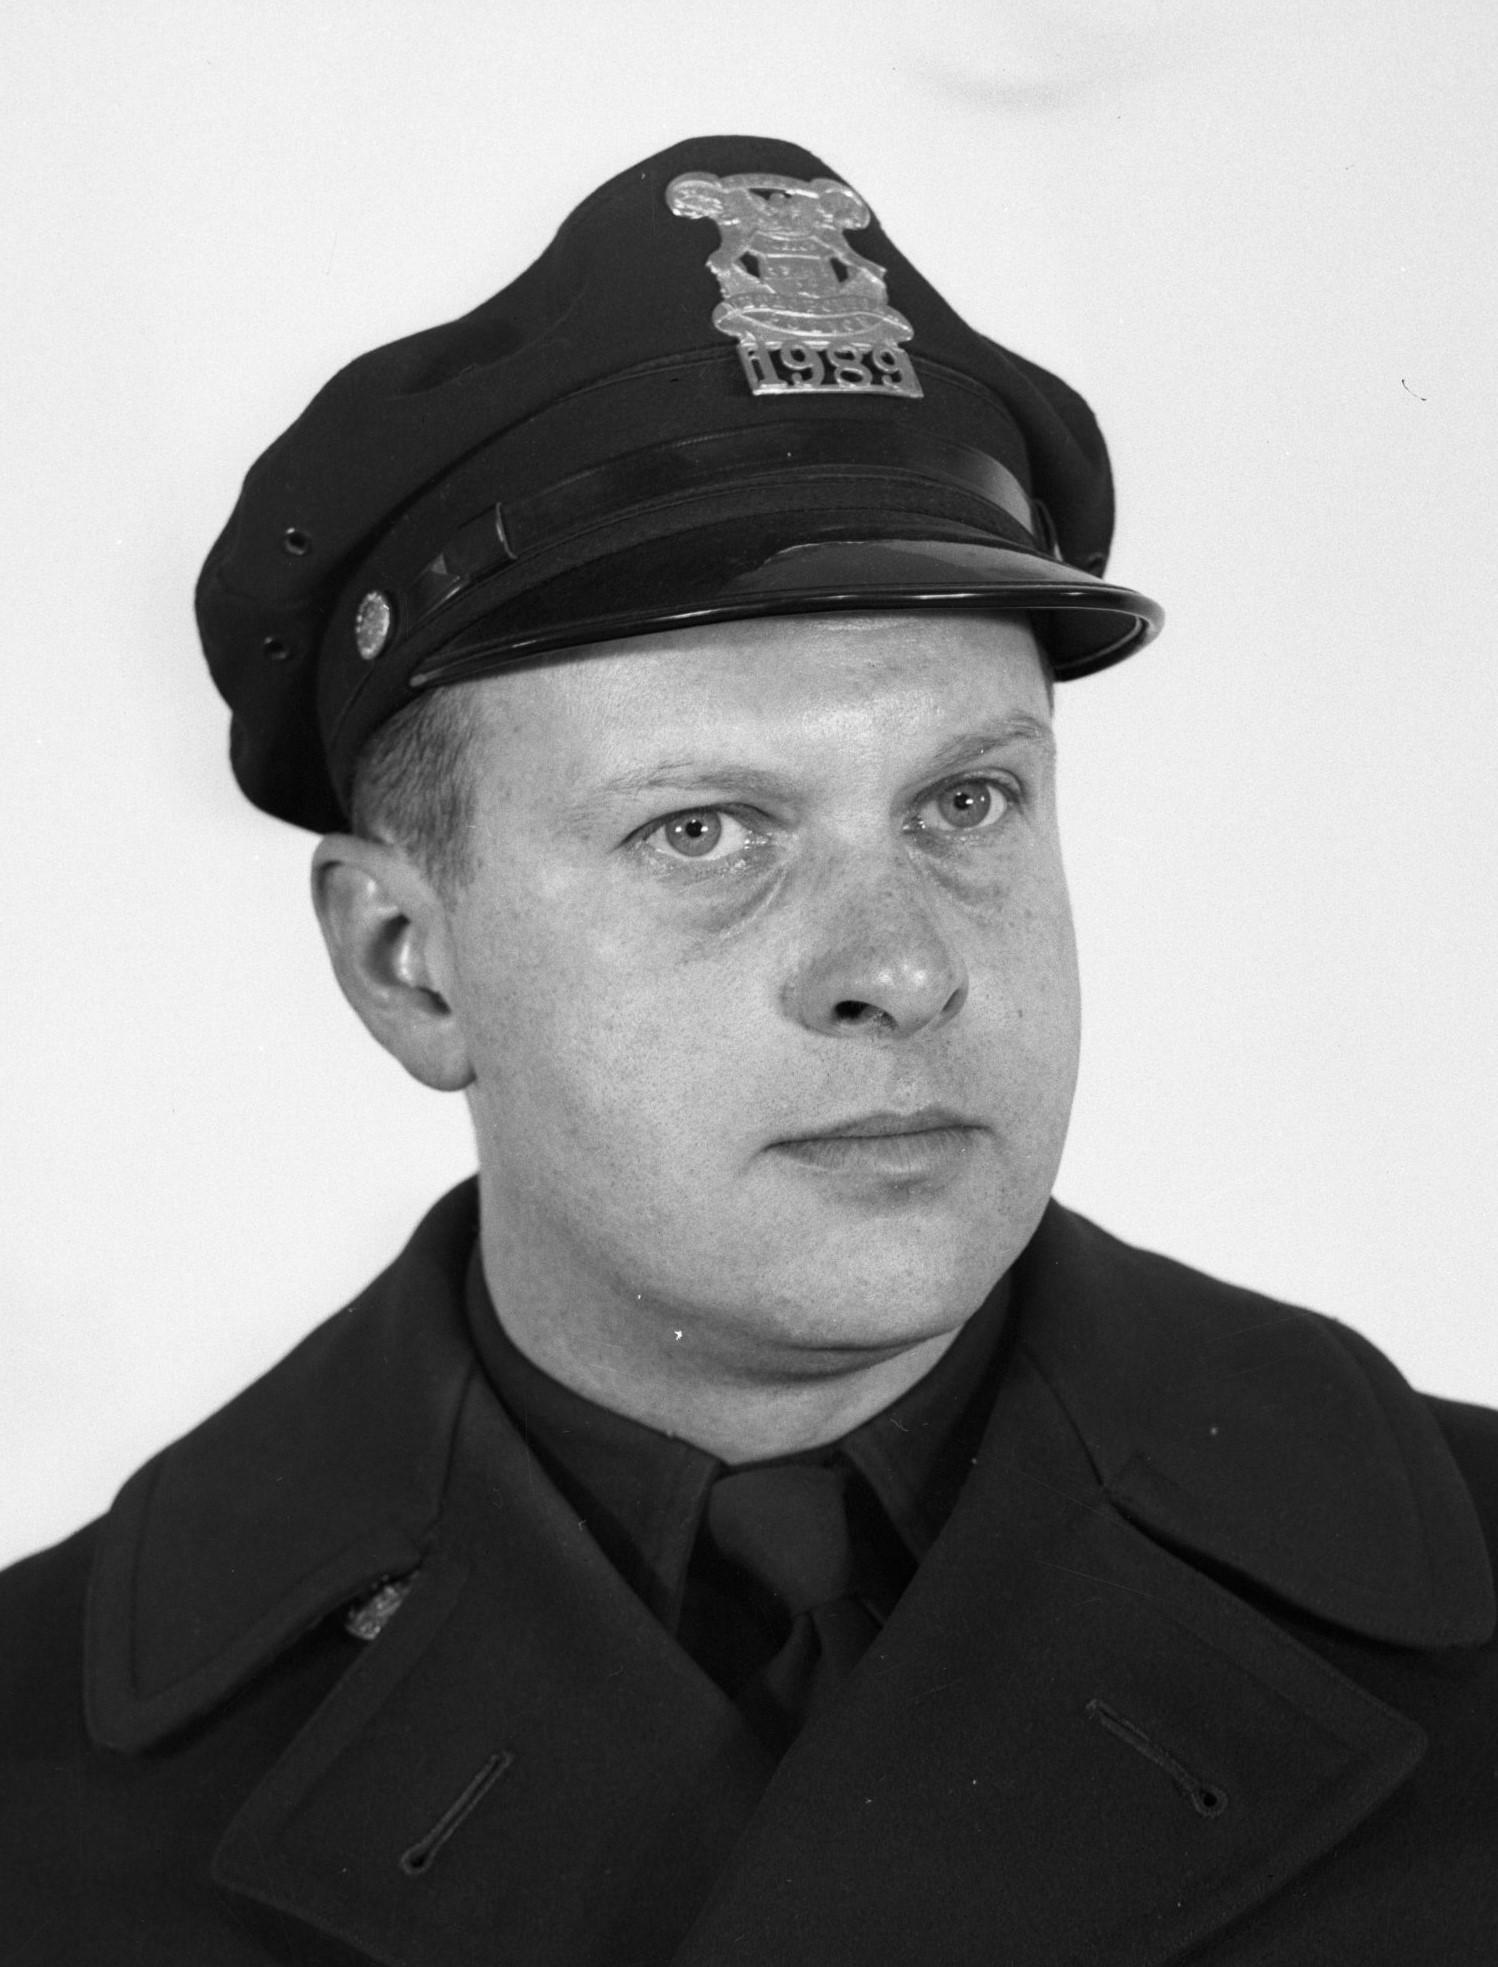 Police Officer Gordon G. Schneider | Detroit Police Department, Michigan